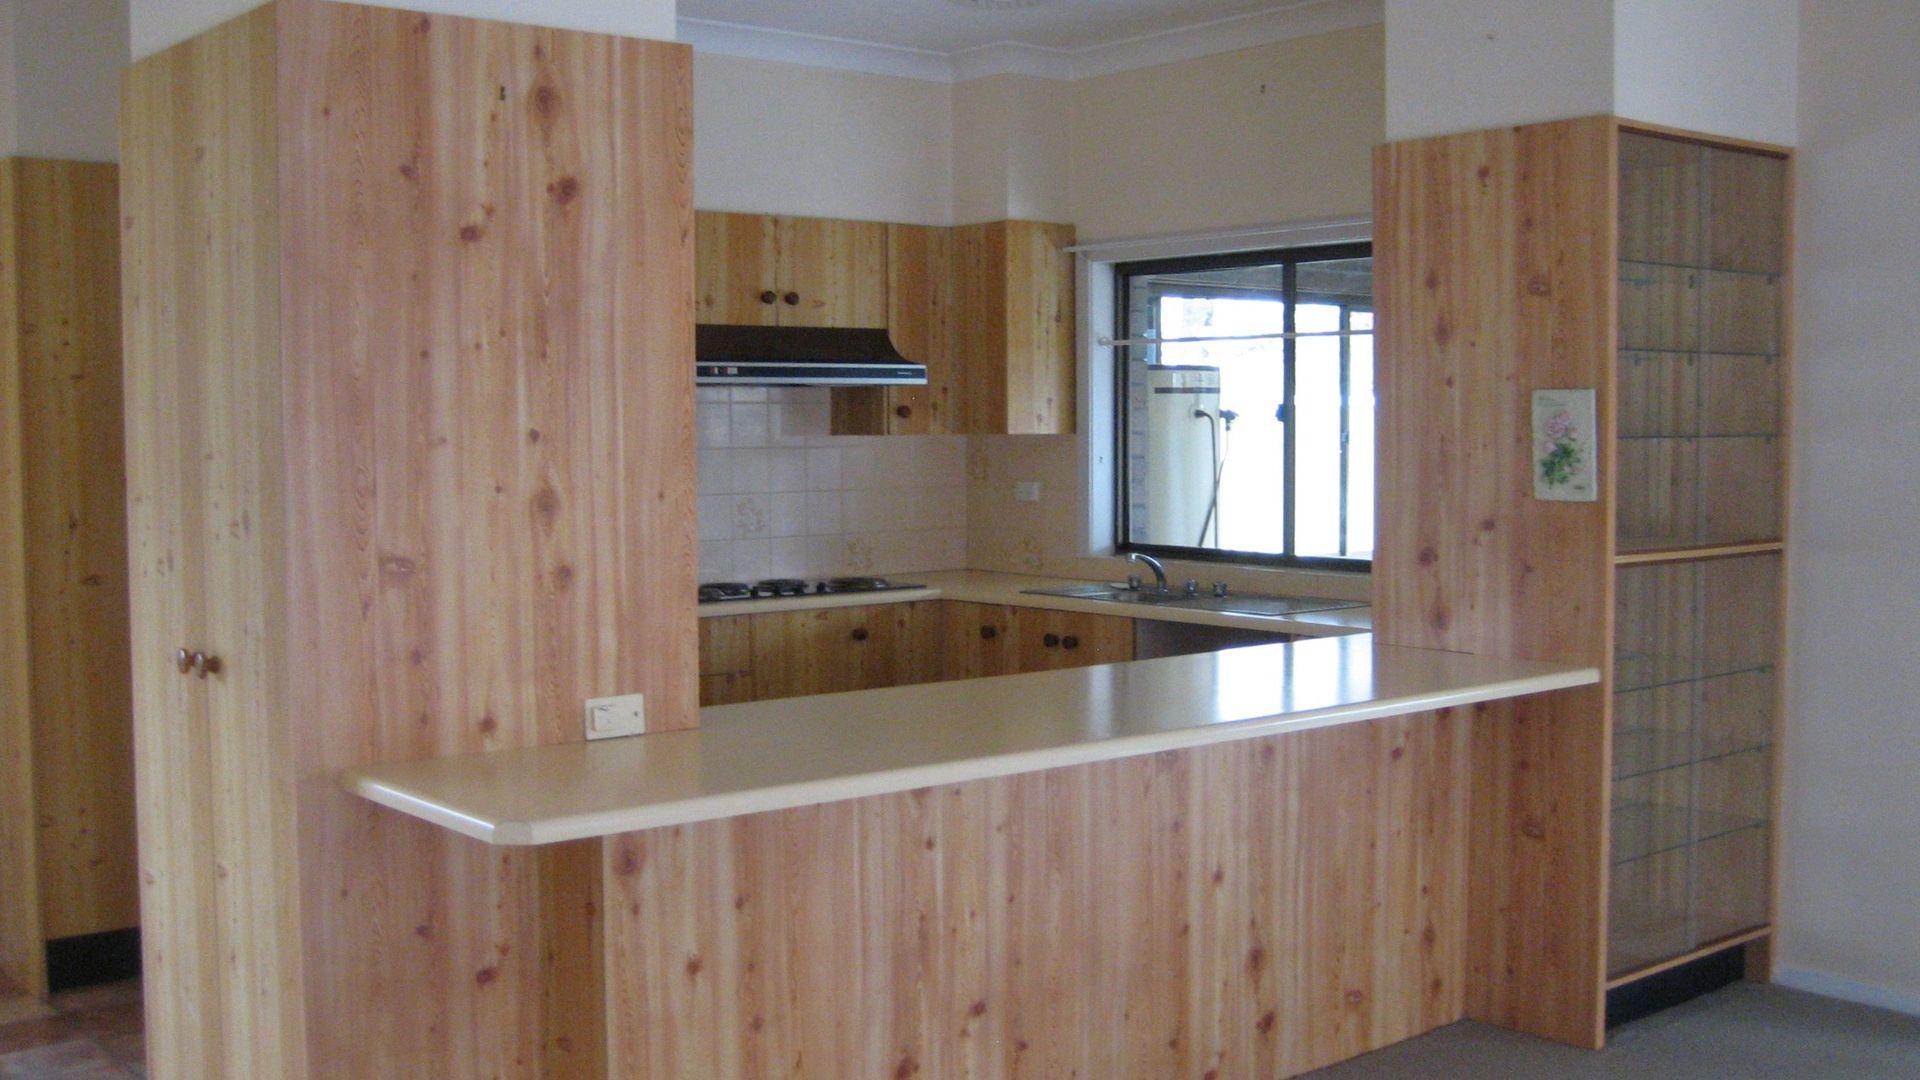 Coonabarabran NSW 2357, Image 2